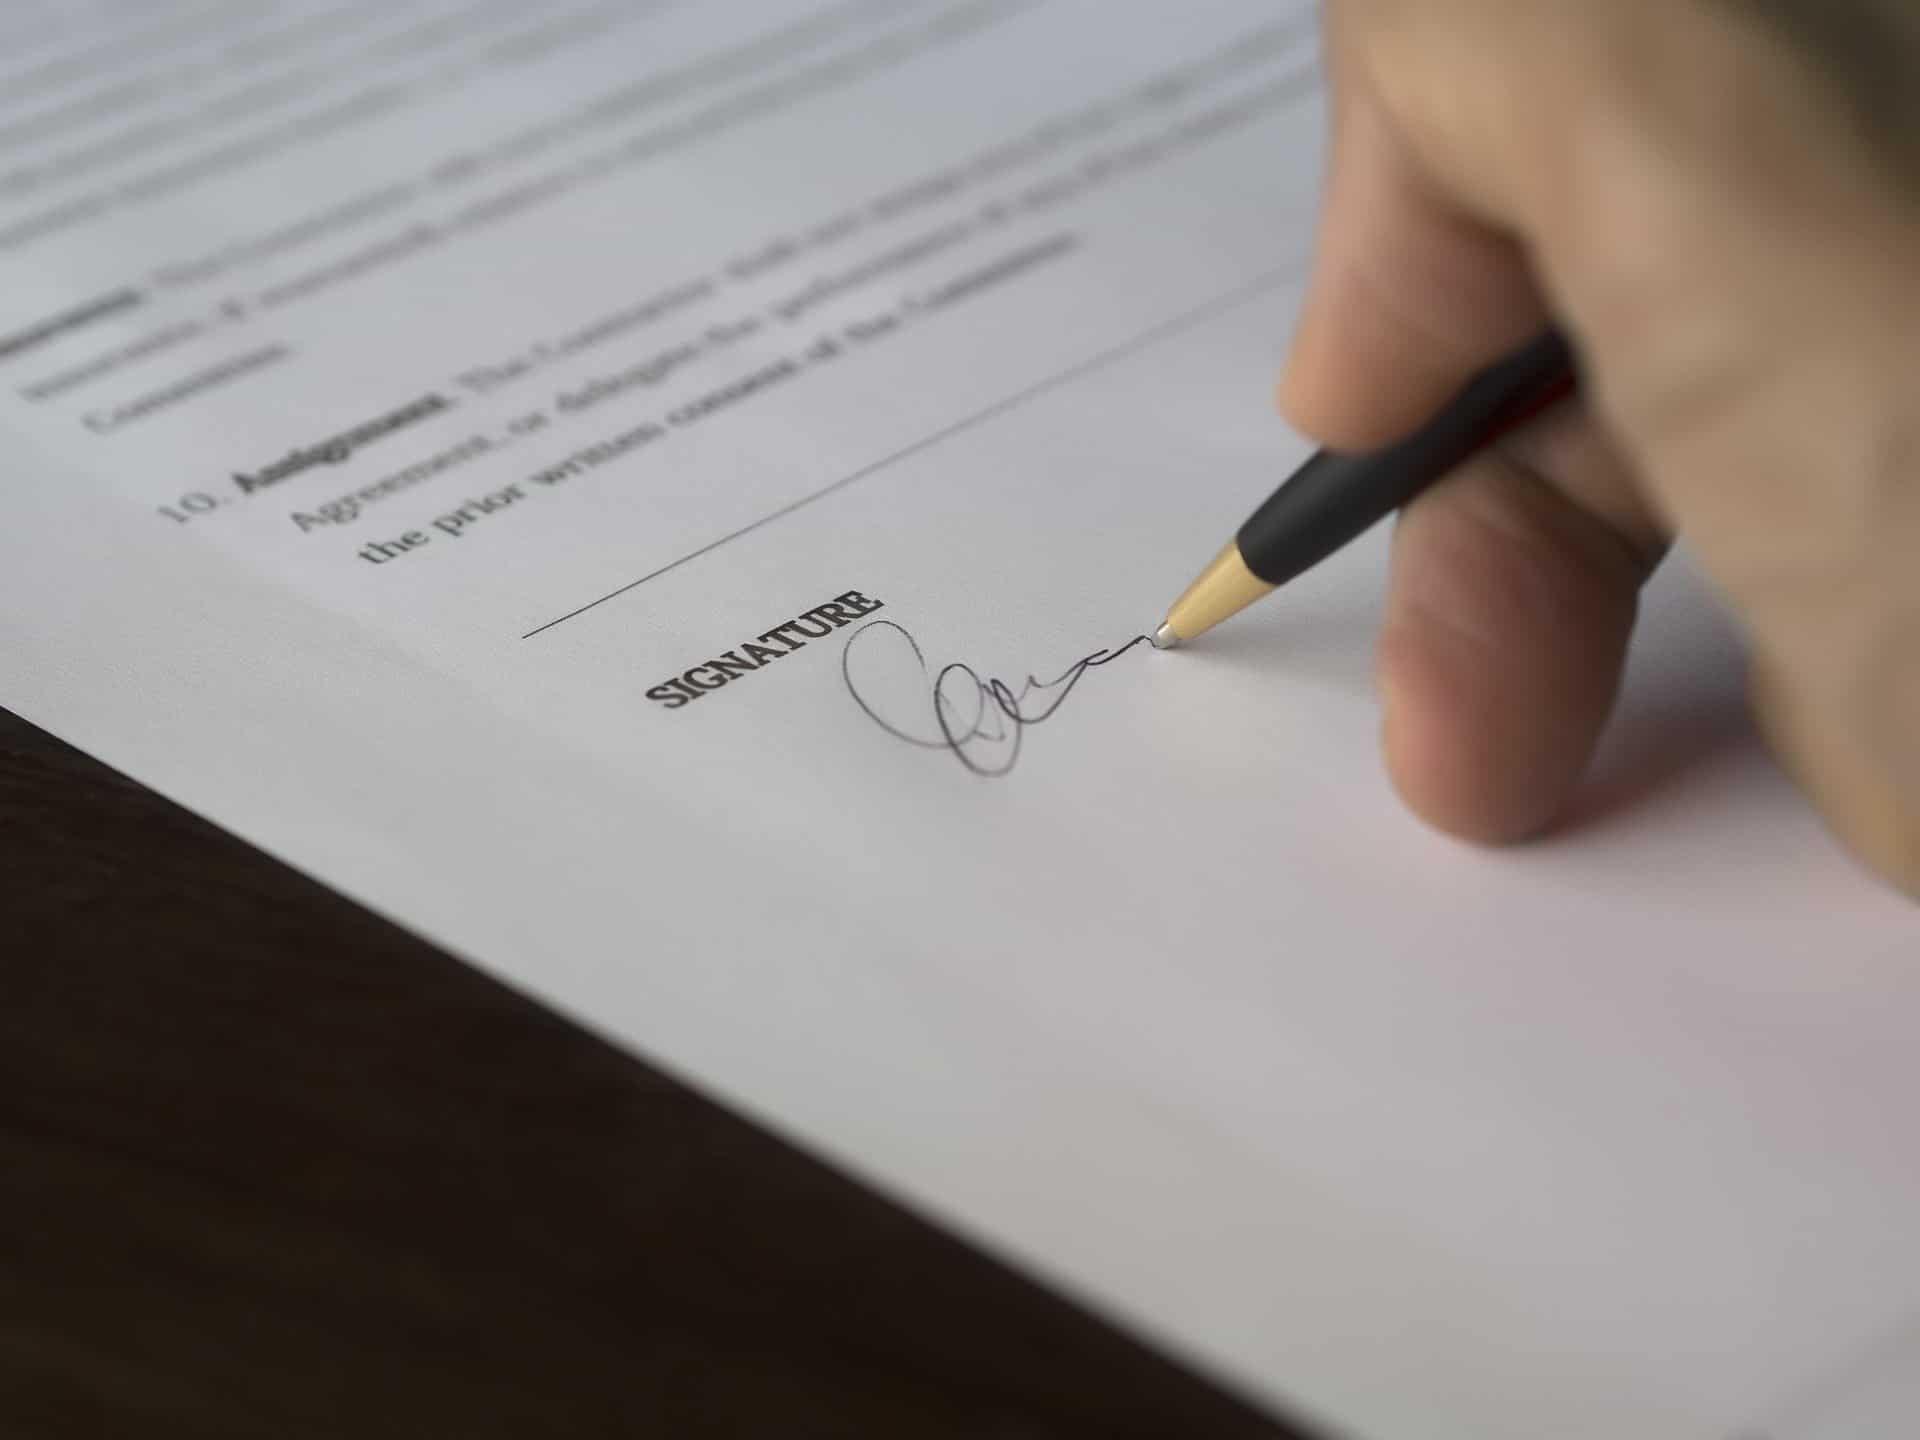 contratos de trabajo en 2020, contratos en 2020, 2020, contratos, empleo